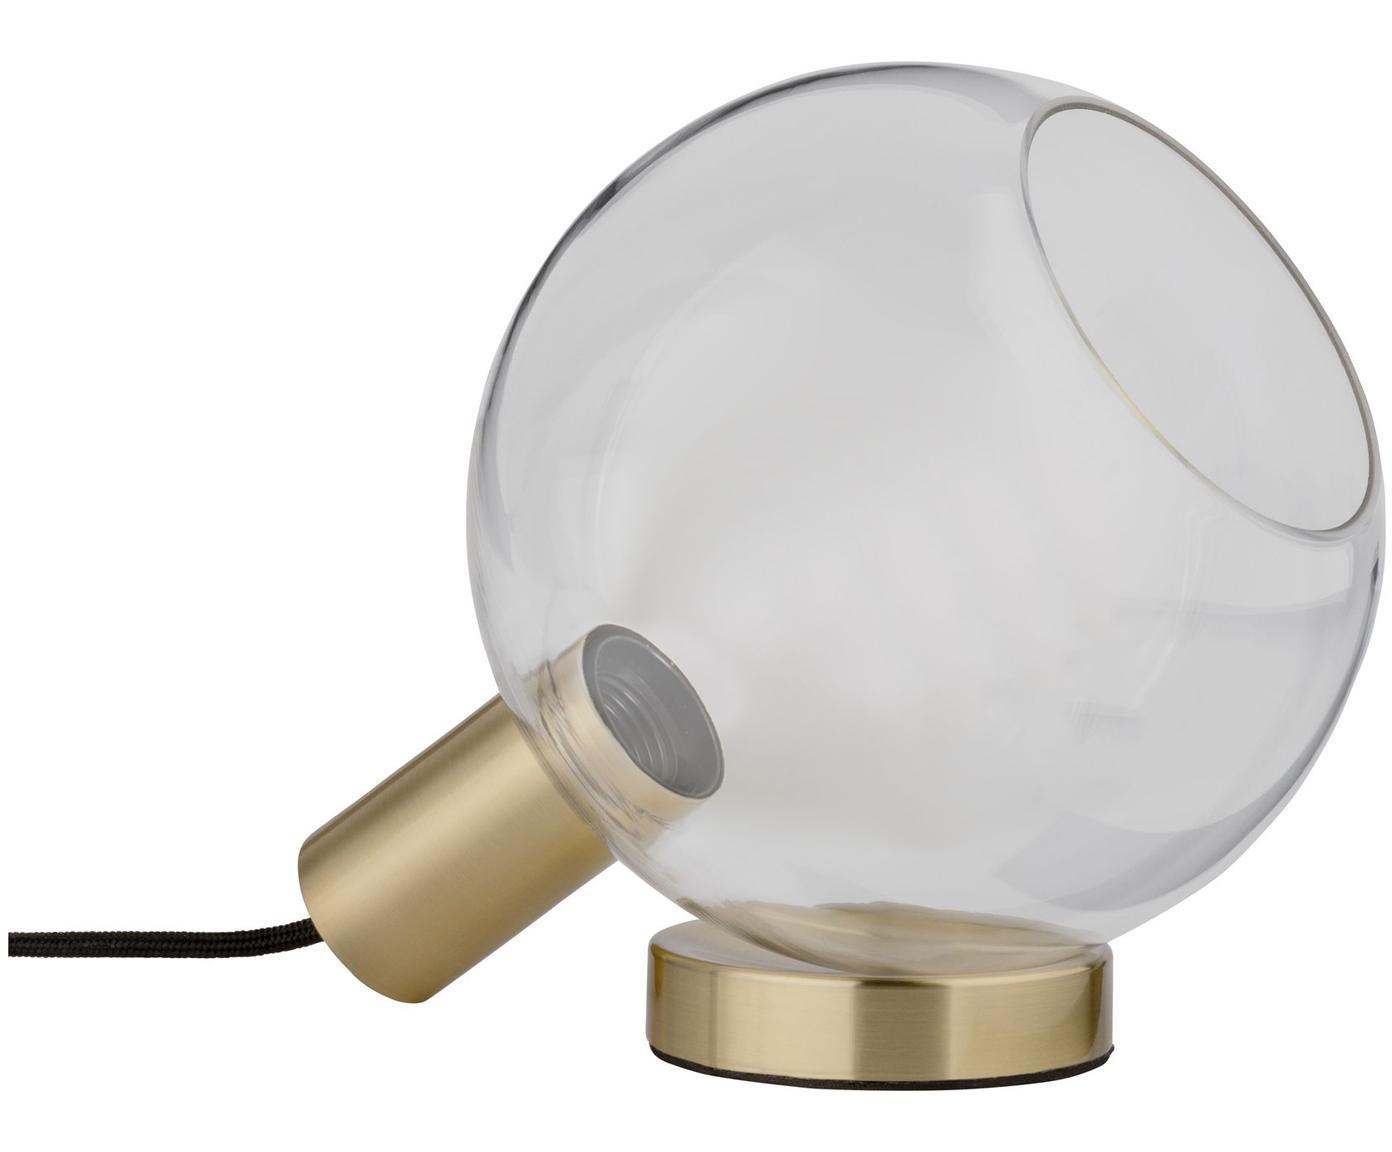 Tischlampe Esben aus Glas, Lampenschirm: Glas, Lampenfuß: Messing, gebürstet, Messingfarben, Transparent, 25 x 22 cm